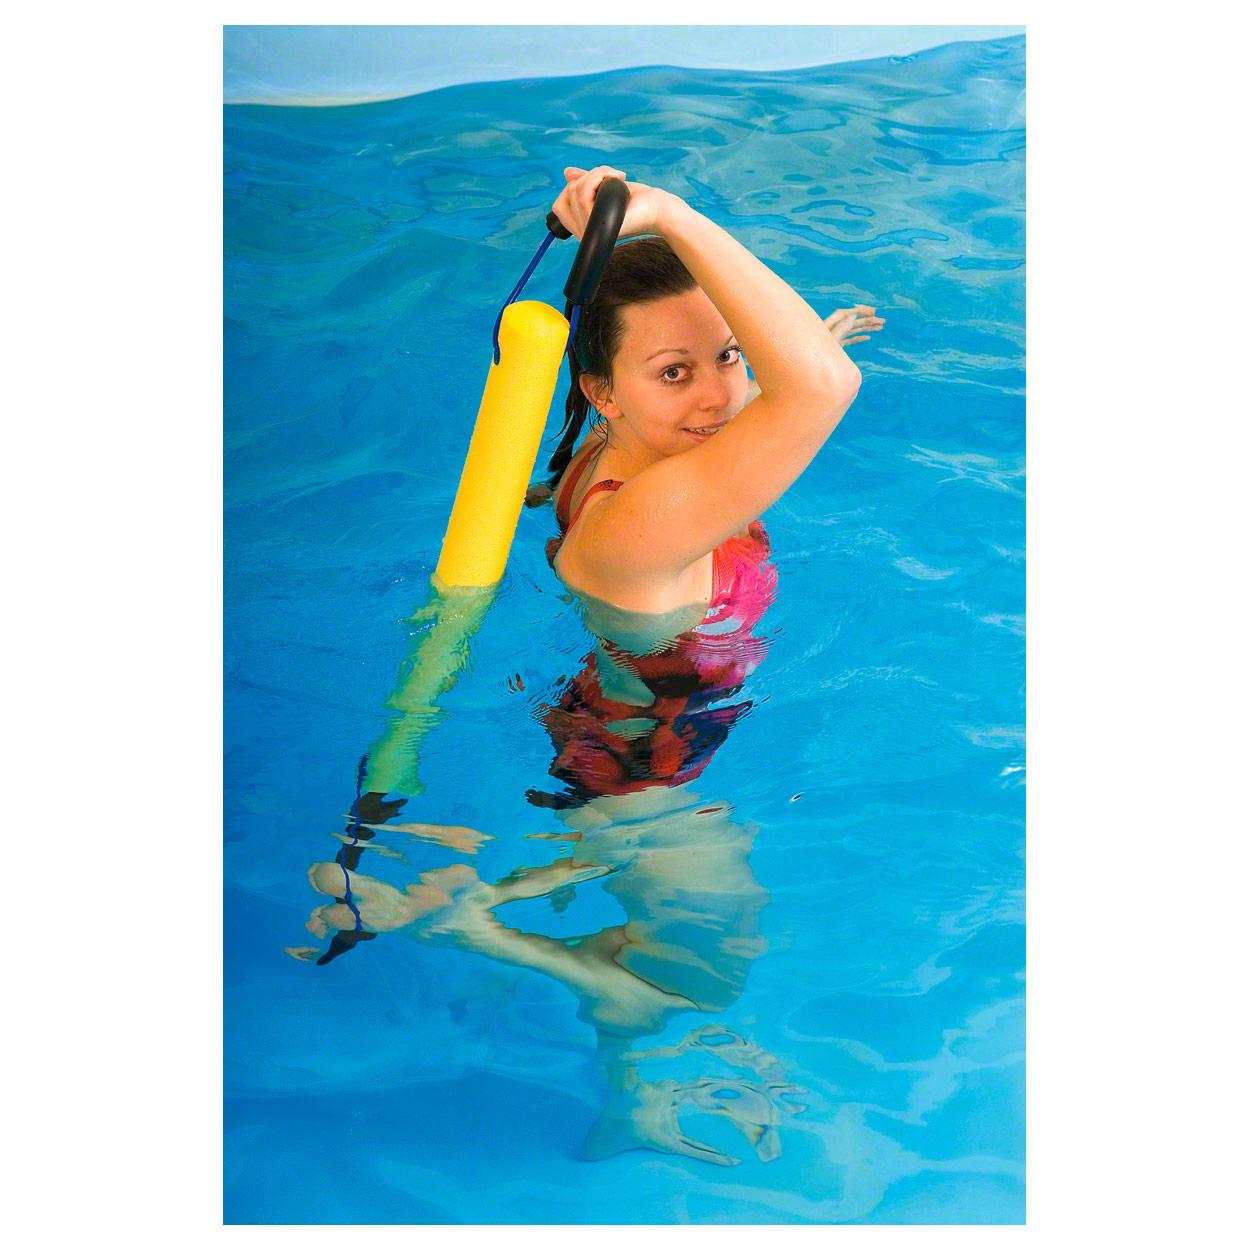 Til træning af balance og koordination - Genoptræning - Aqua Fitness - Træning - Balance ...